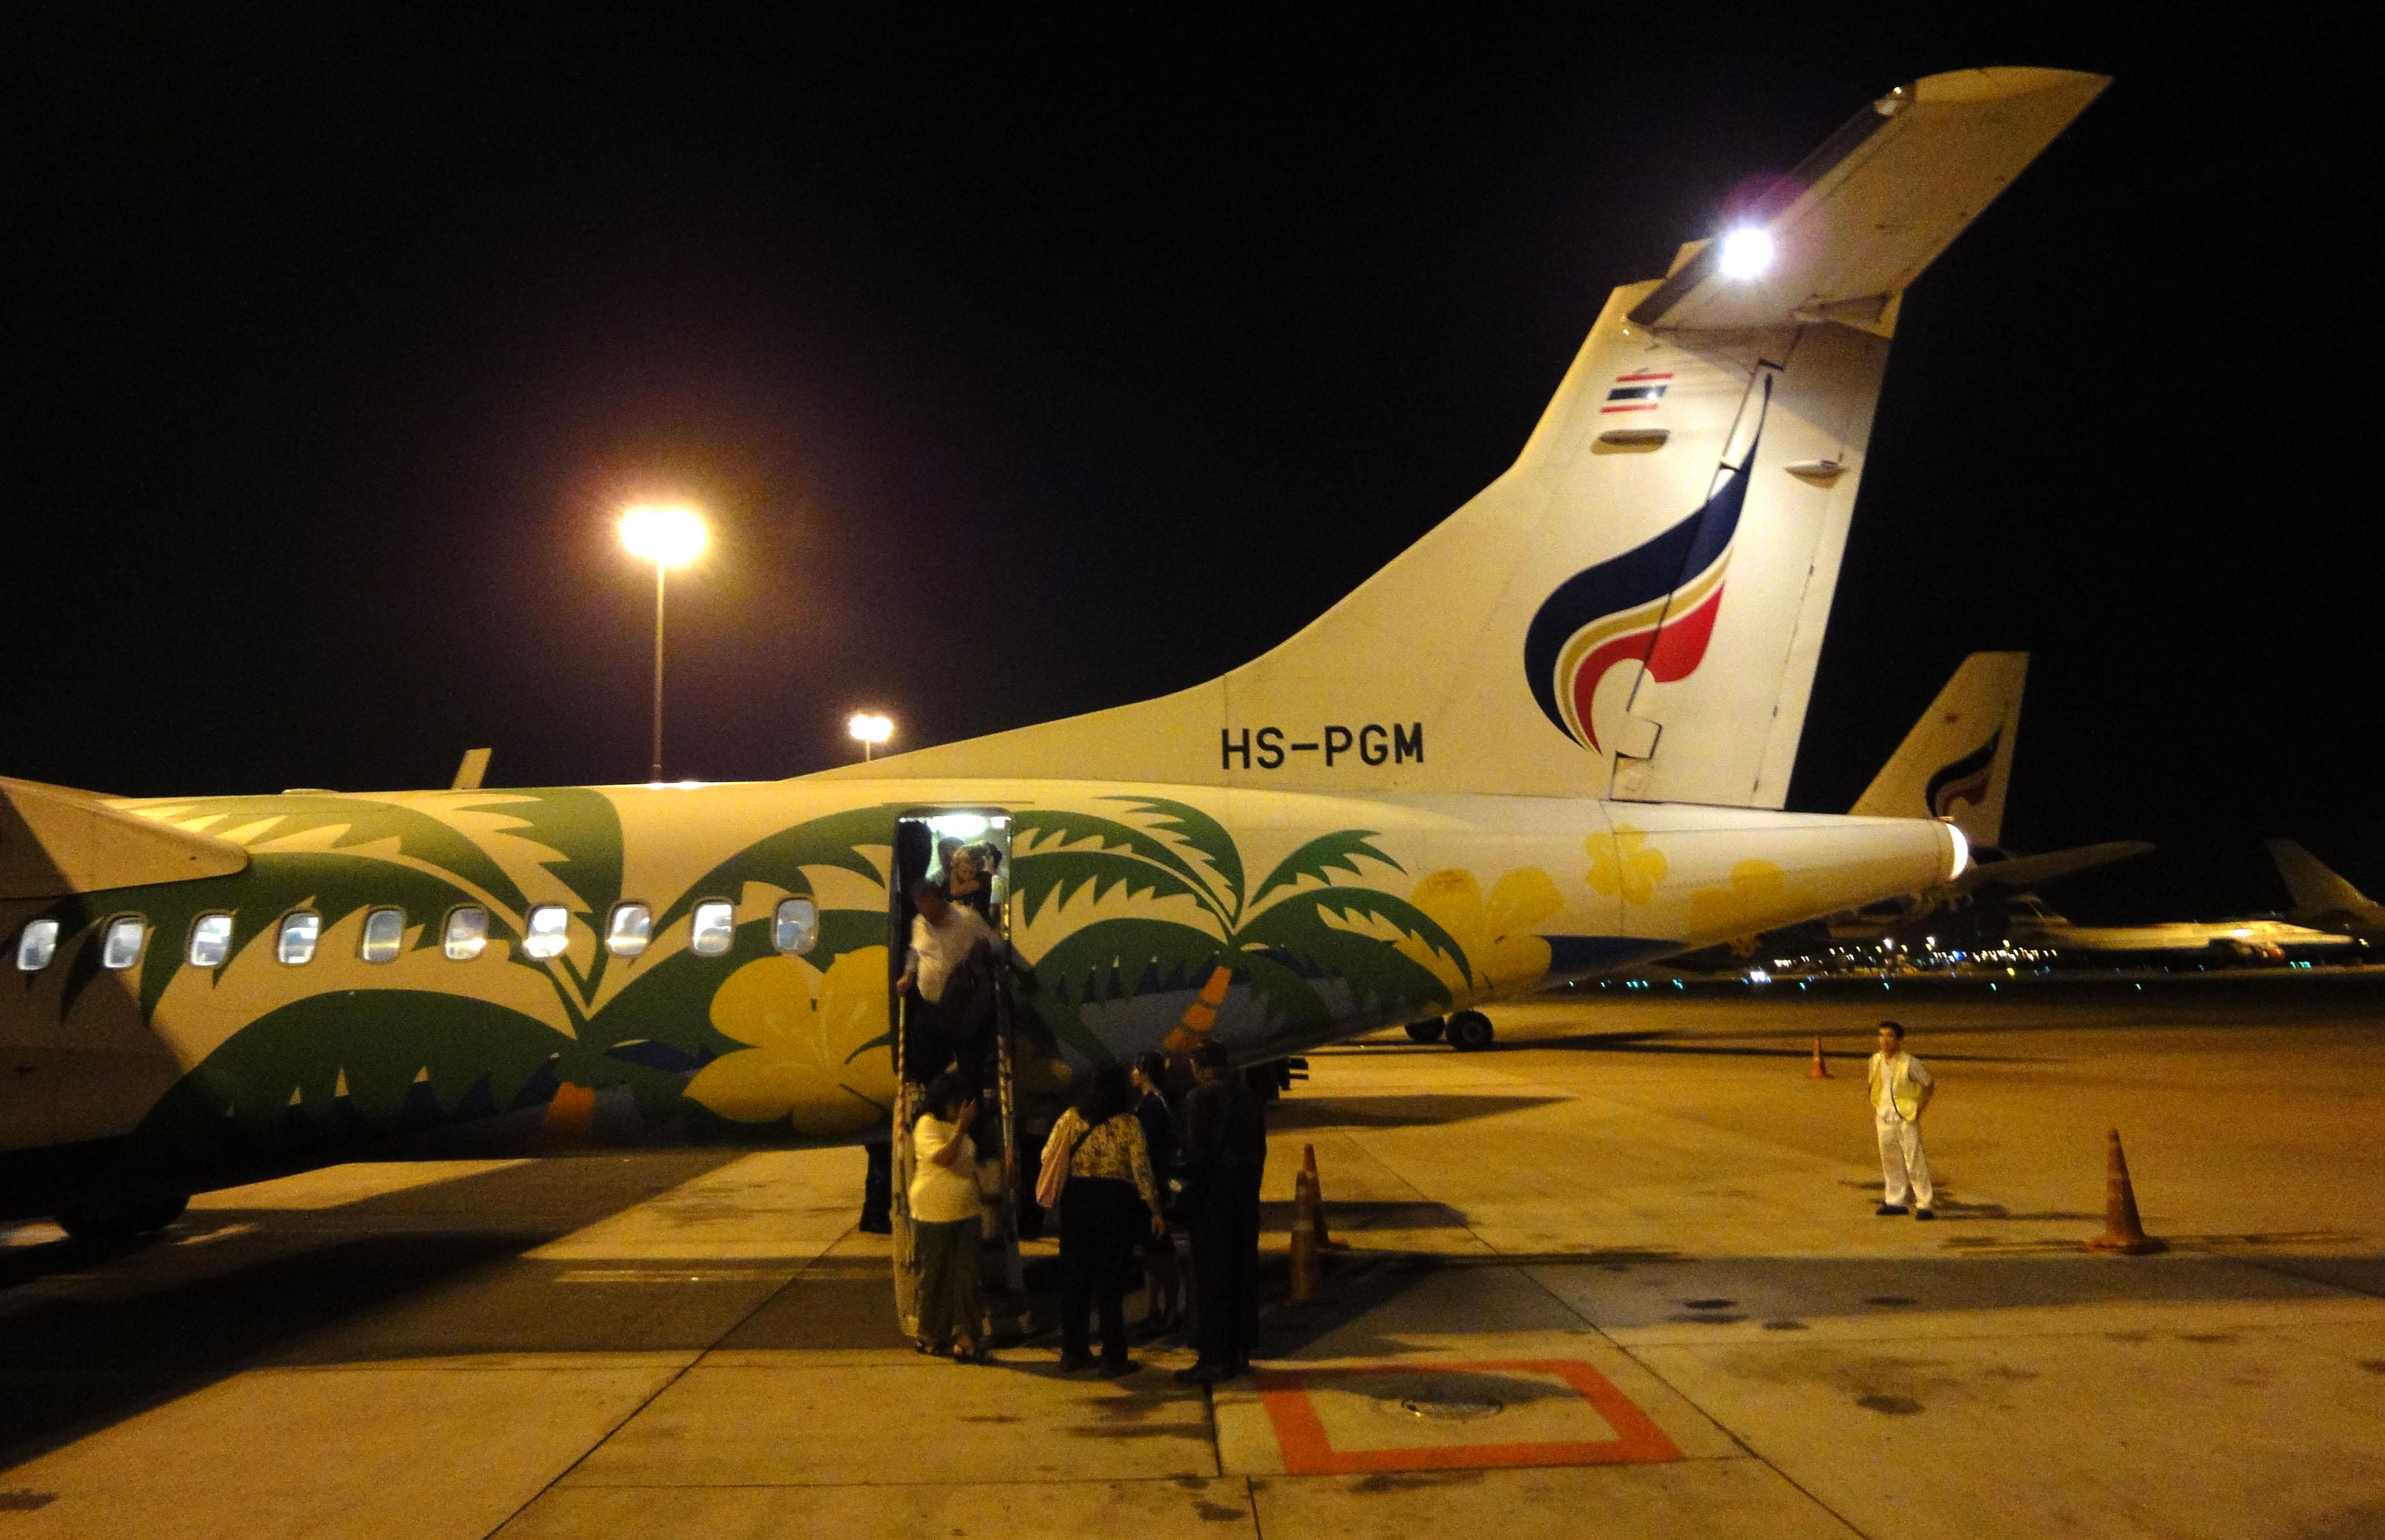 Bangkok Airlines HS PGM Suvarnabhumi Airport Thailand 2009 01